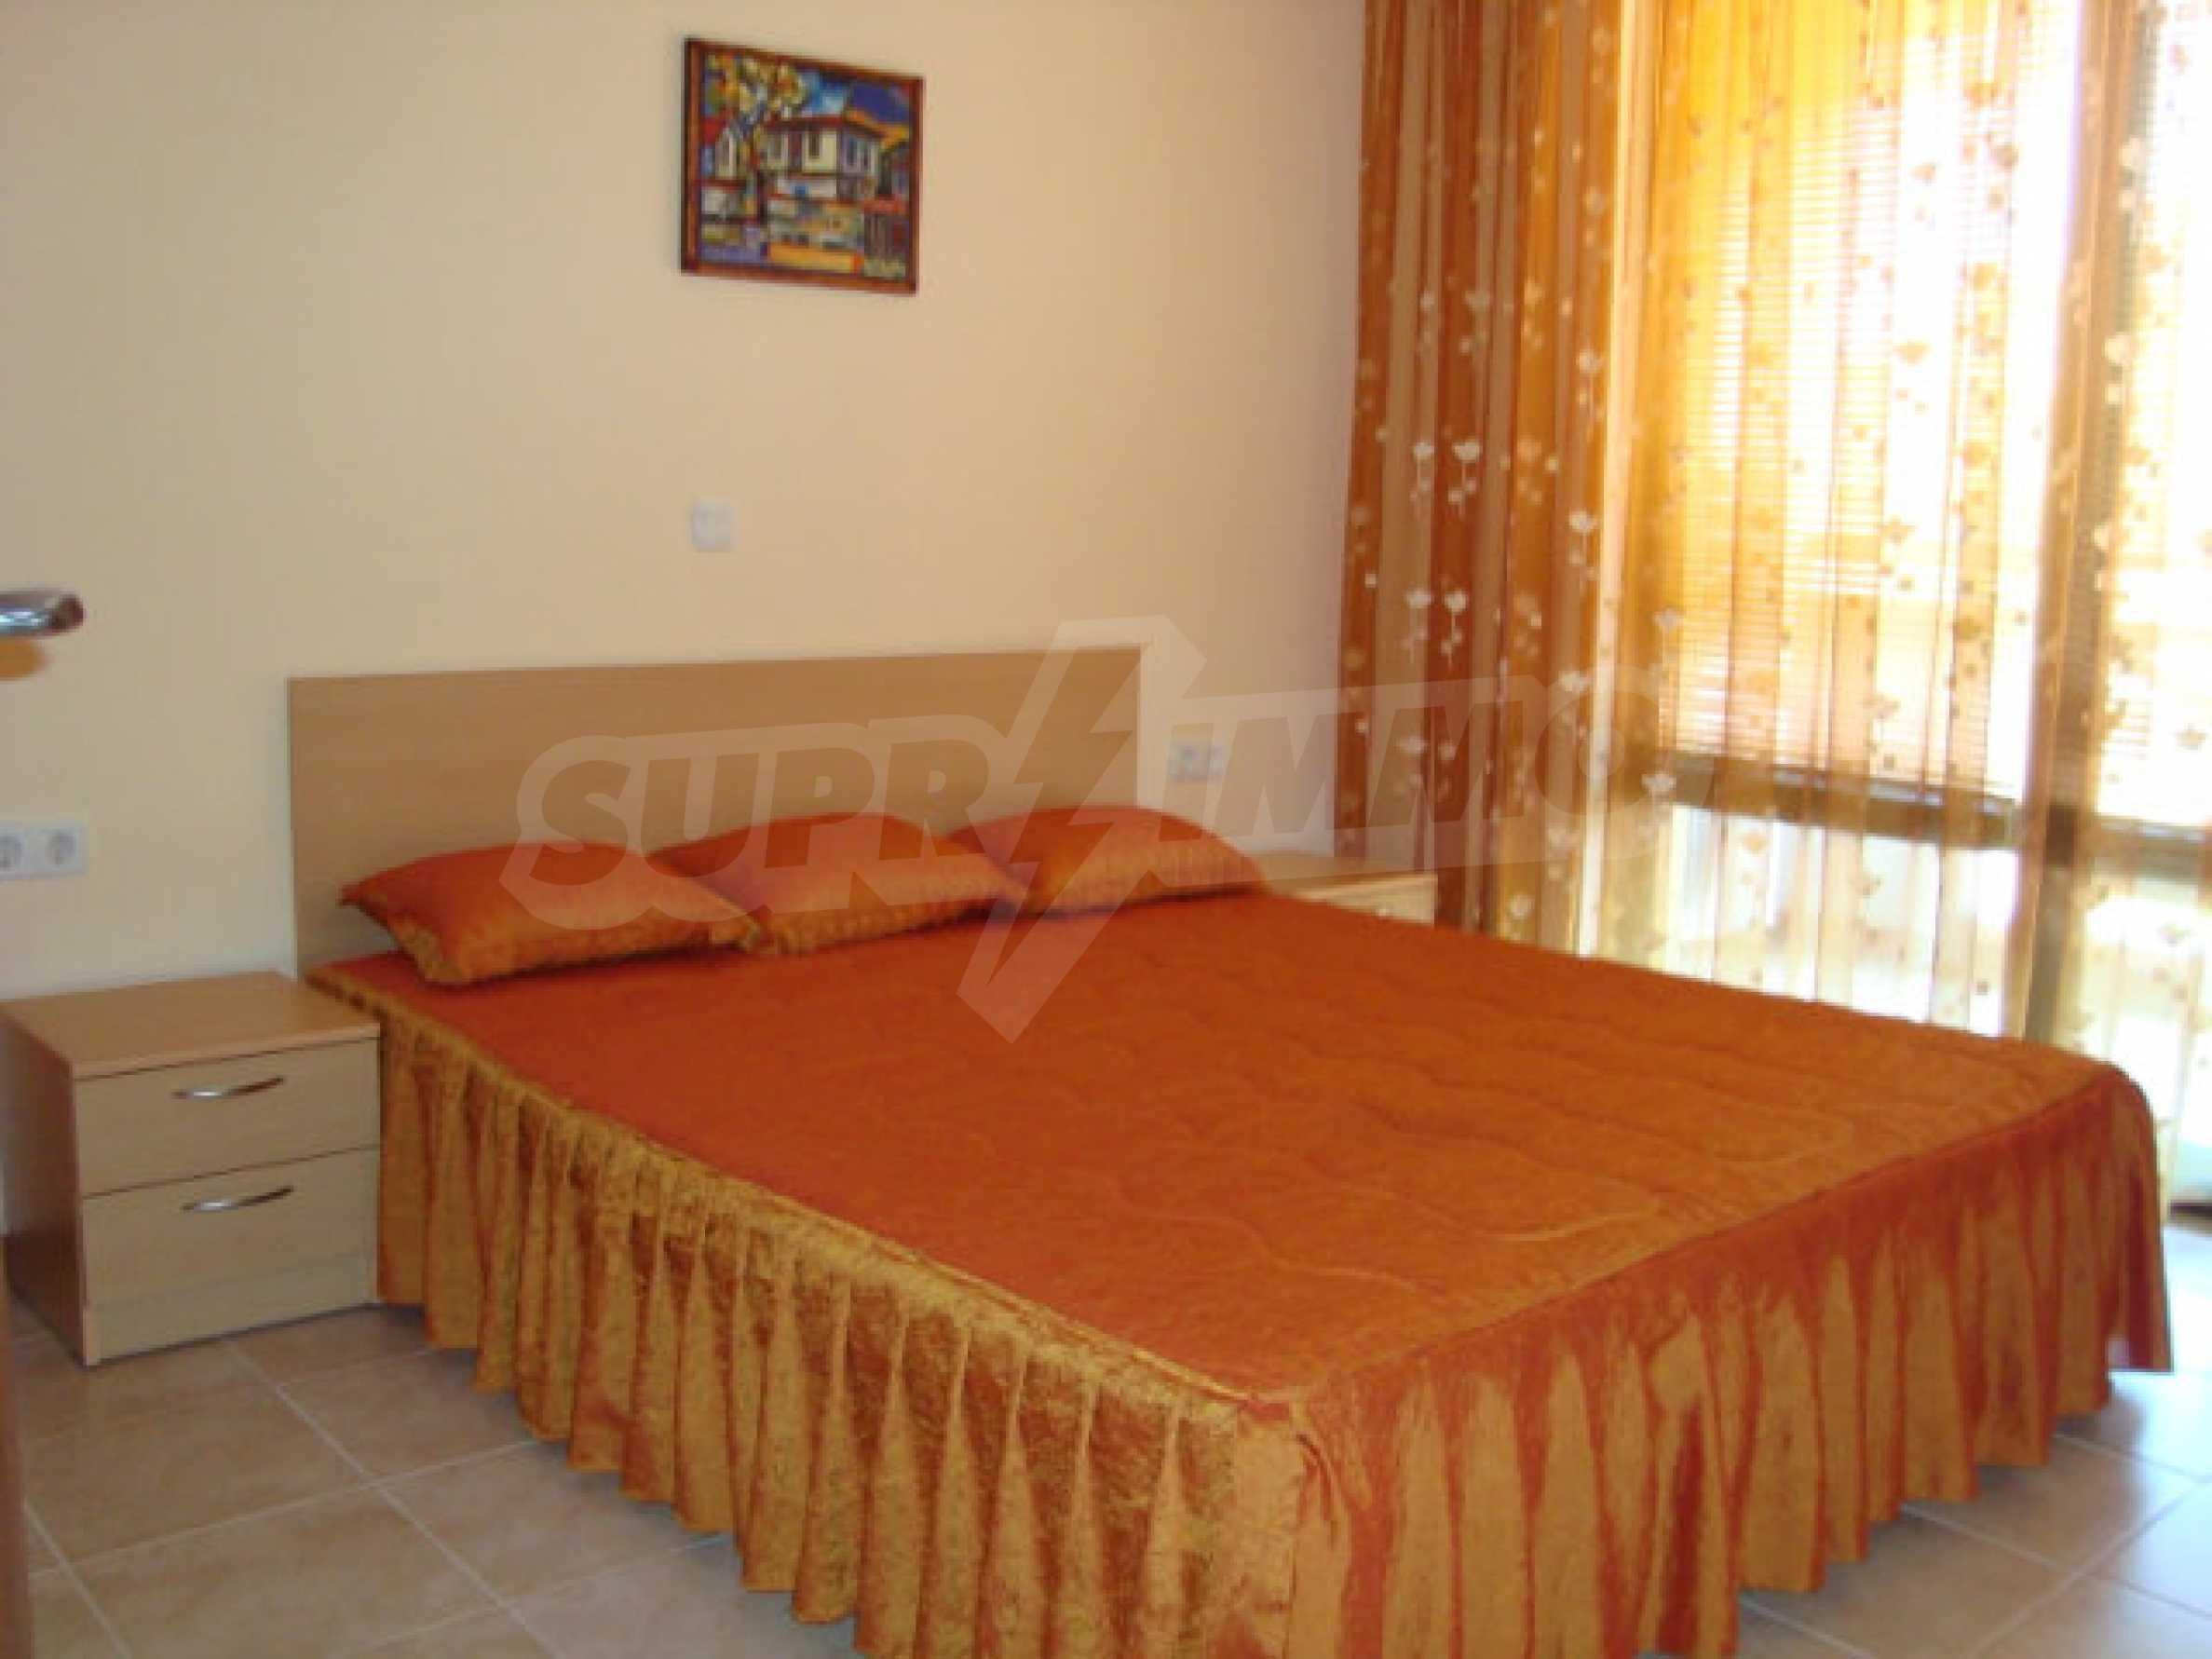 Luxus-Apartment mit zwei Schlafzimmern in einem ausgezeichneten Komplex in Chernomorets 13